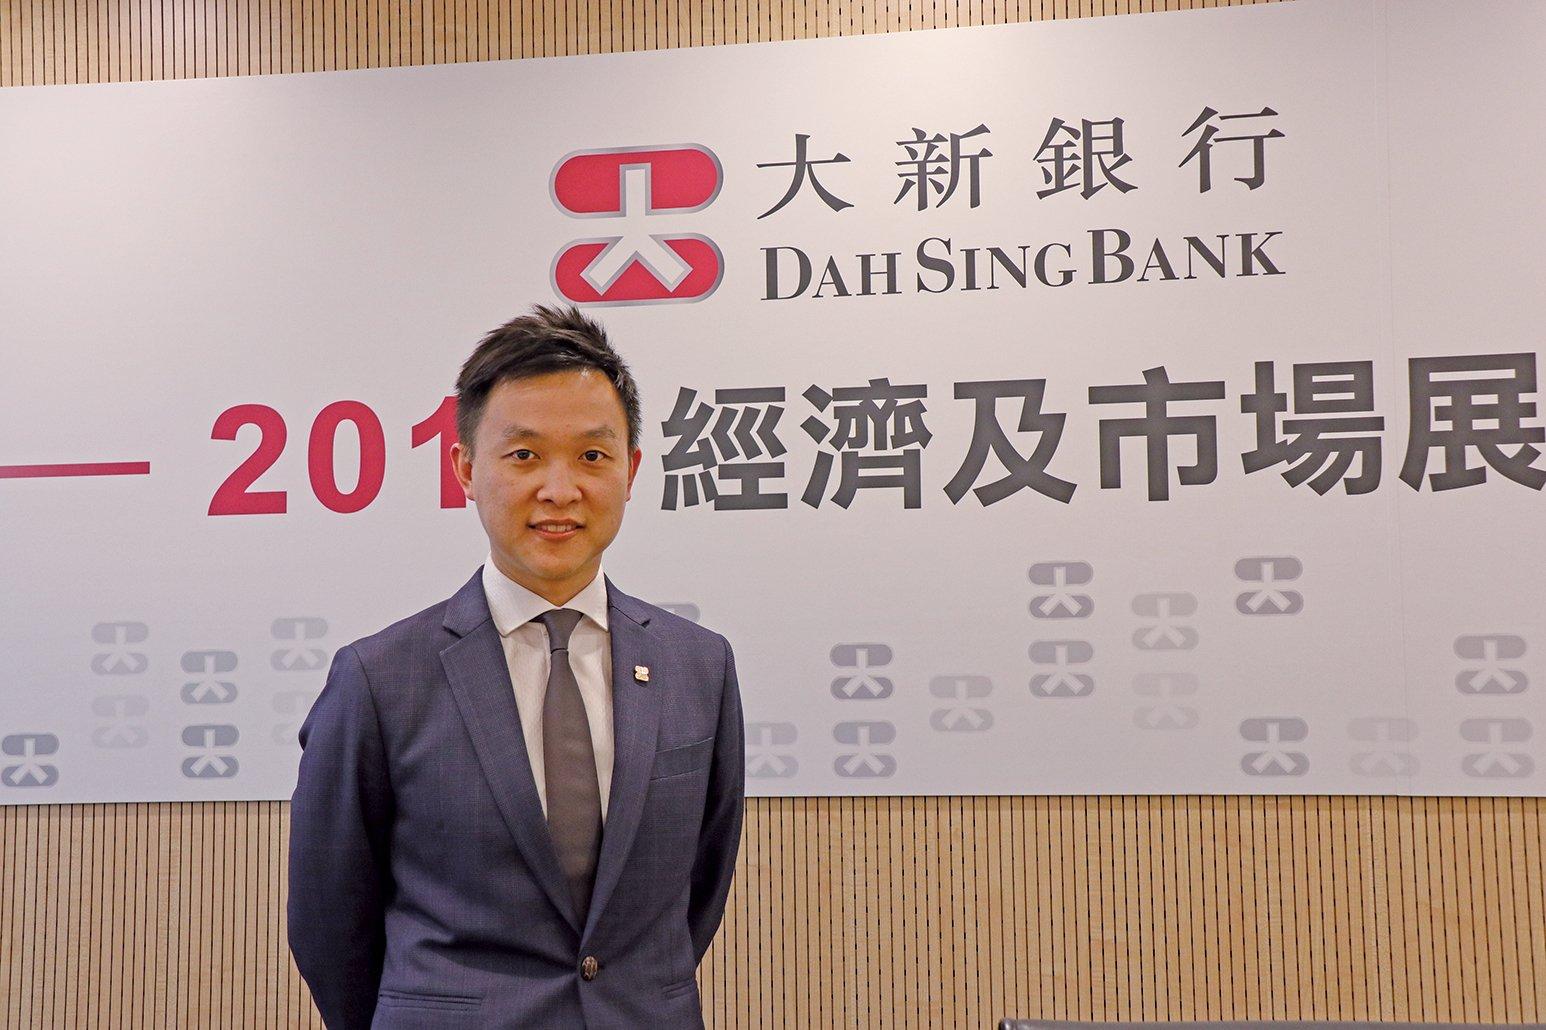 大新銀行經濟師溫嘉煒稱,大陸經濟明年增長或會放緩至6.2%,並要注意中國借貸水平會否惡化。(江夏/大紀元)